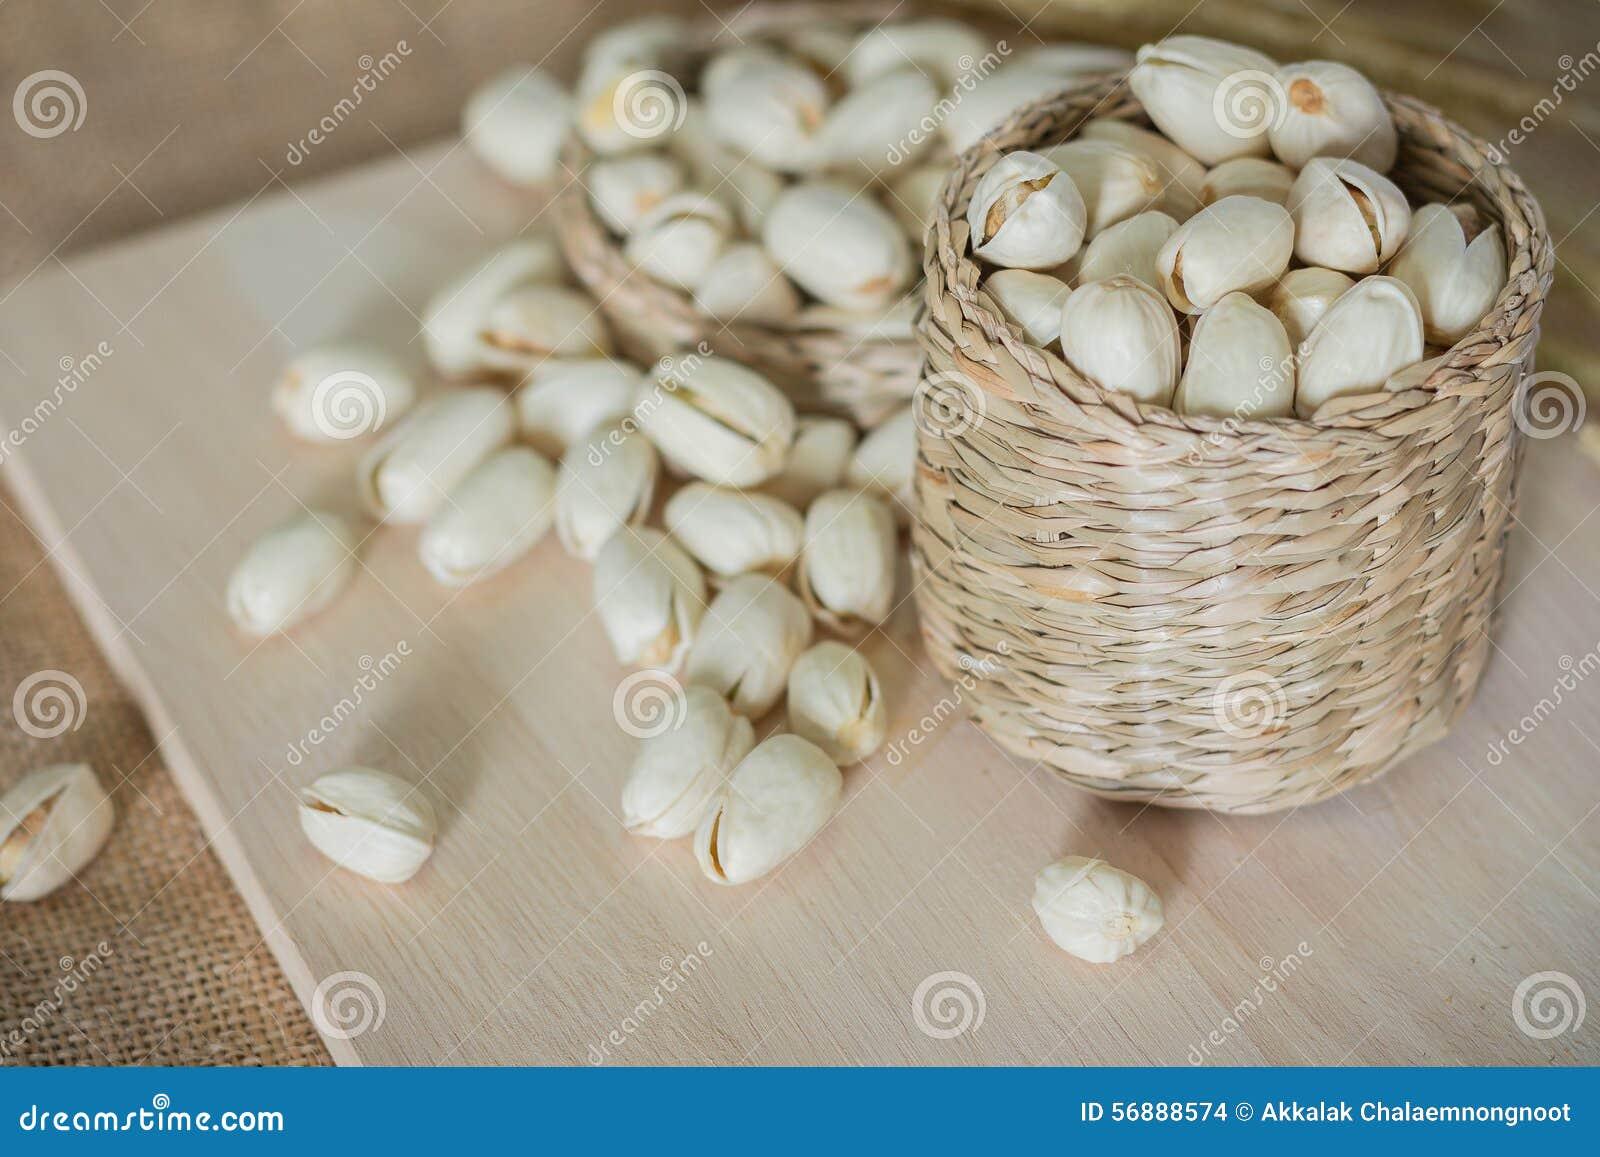 Αλμυρά καρύδια φυστικιών